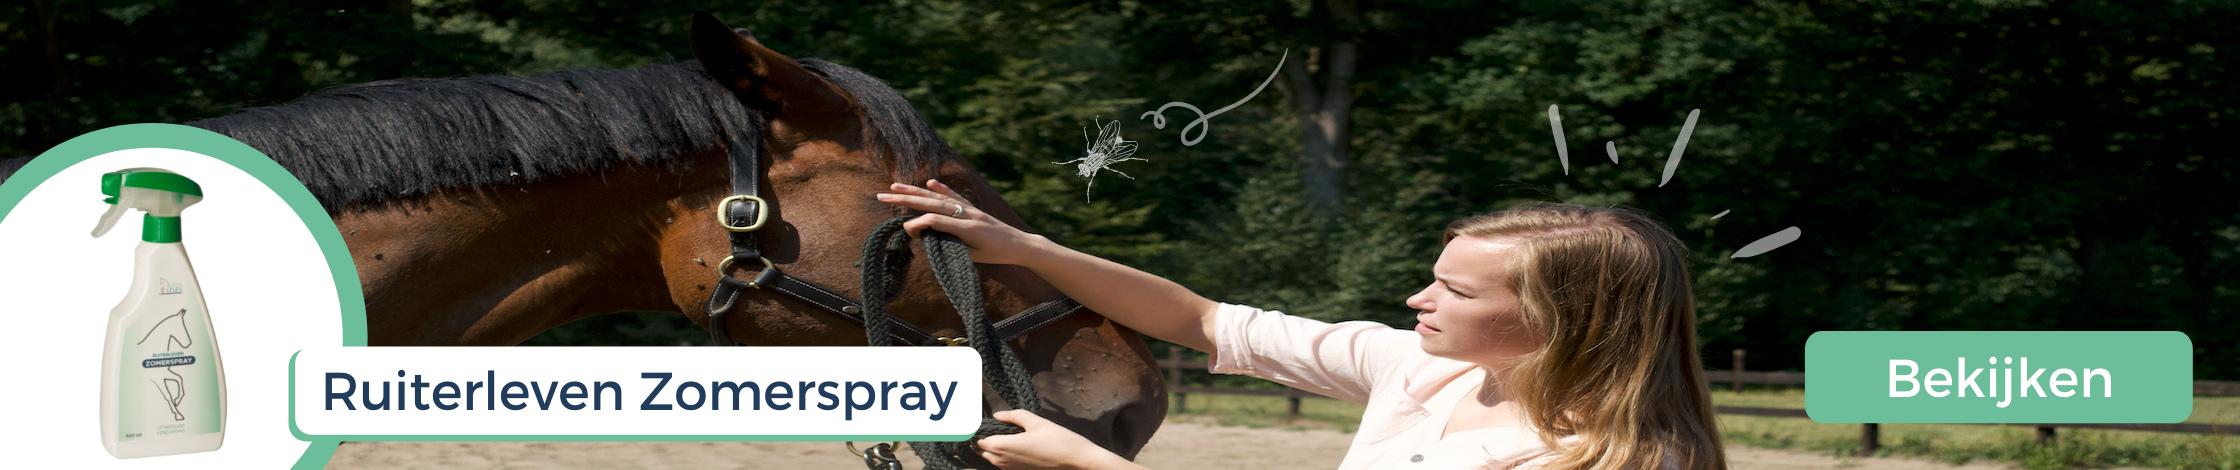 Vliegenspray paard Ruiterleven Zomerspray